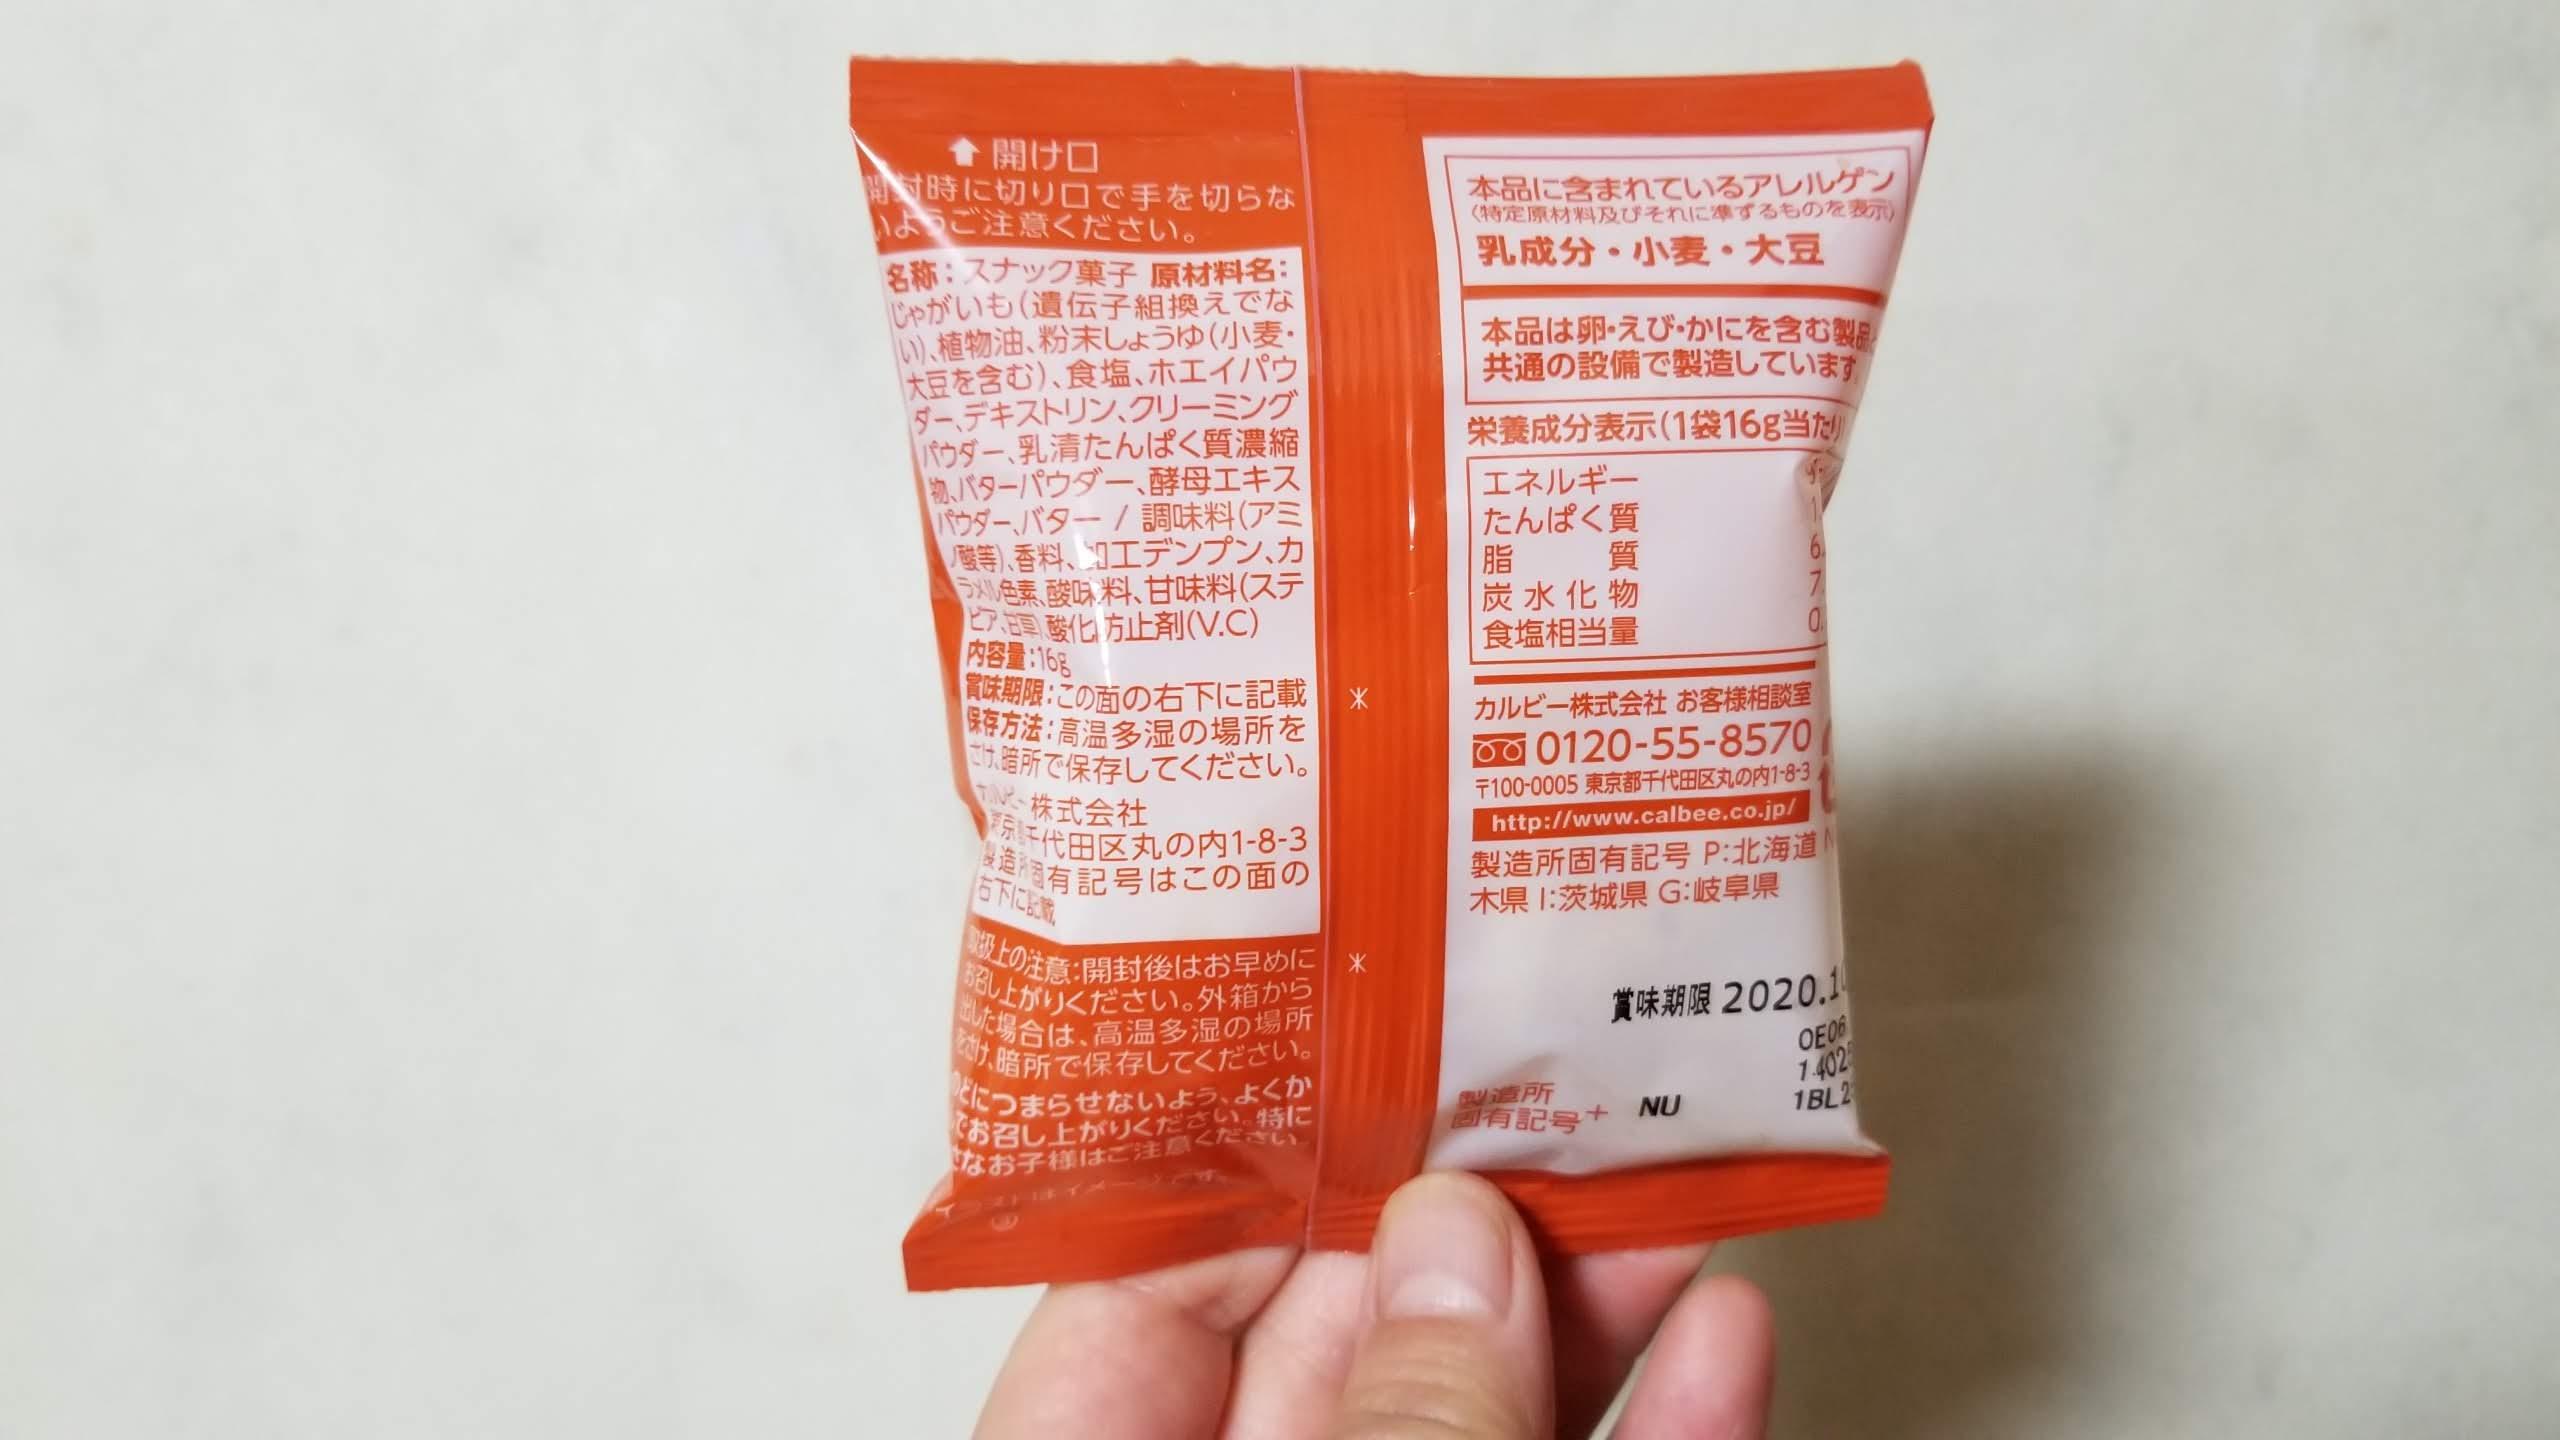 じゃがビー(バターしょうゆ味)80g(16g×5)/カルビー_20200425_182747